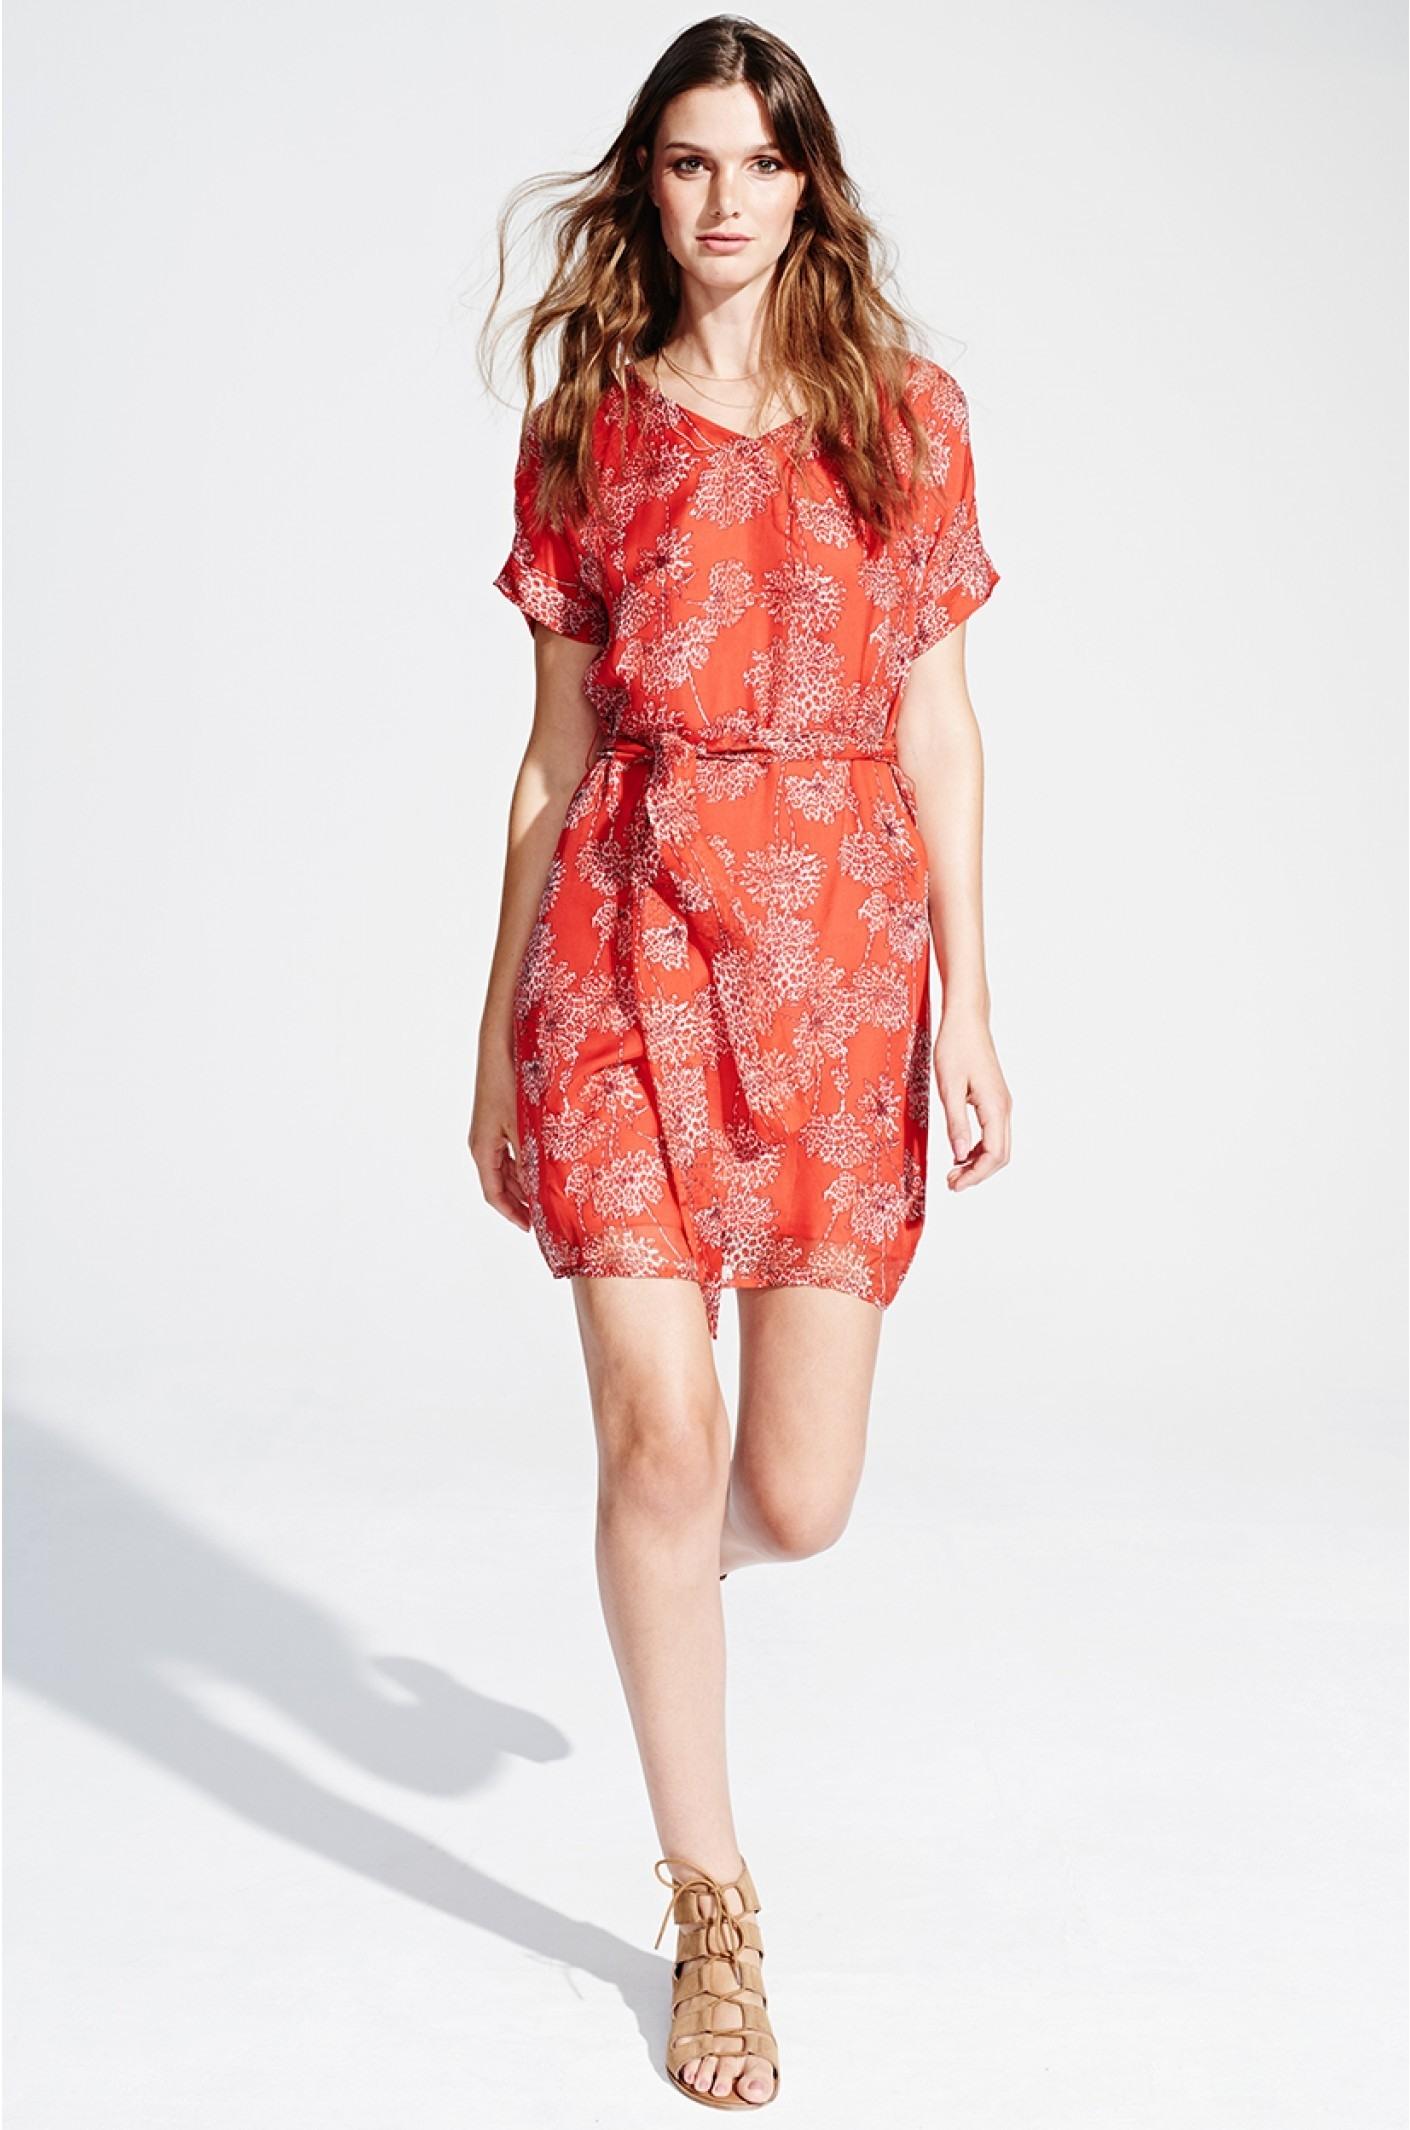 Designer Elegant Kleider Knieumspielend ÄrmelFormal Leicht Kleider Knieumspielend für 2019